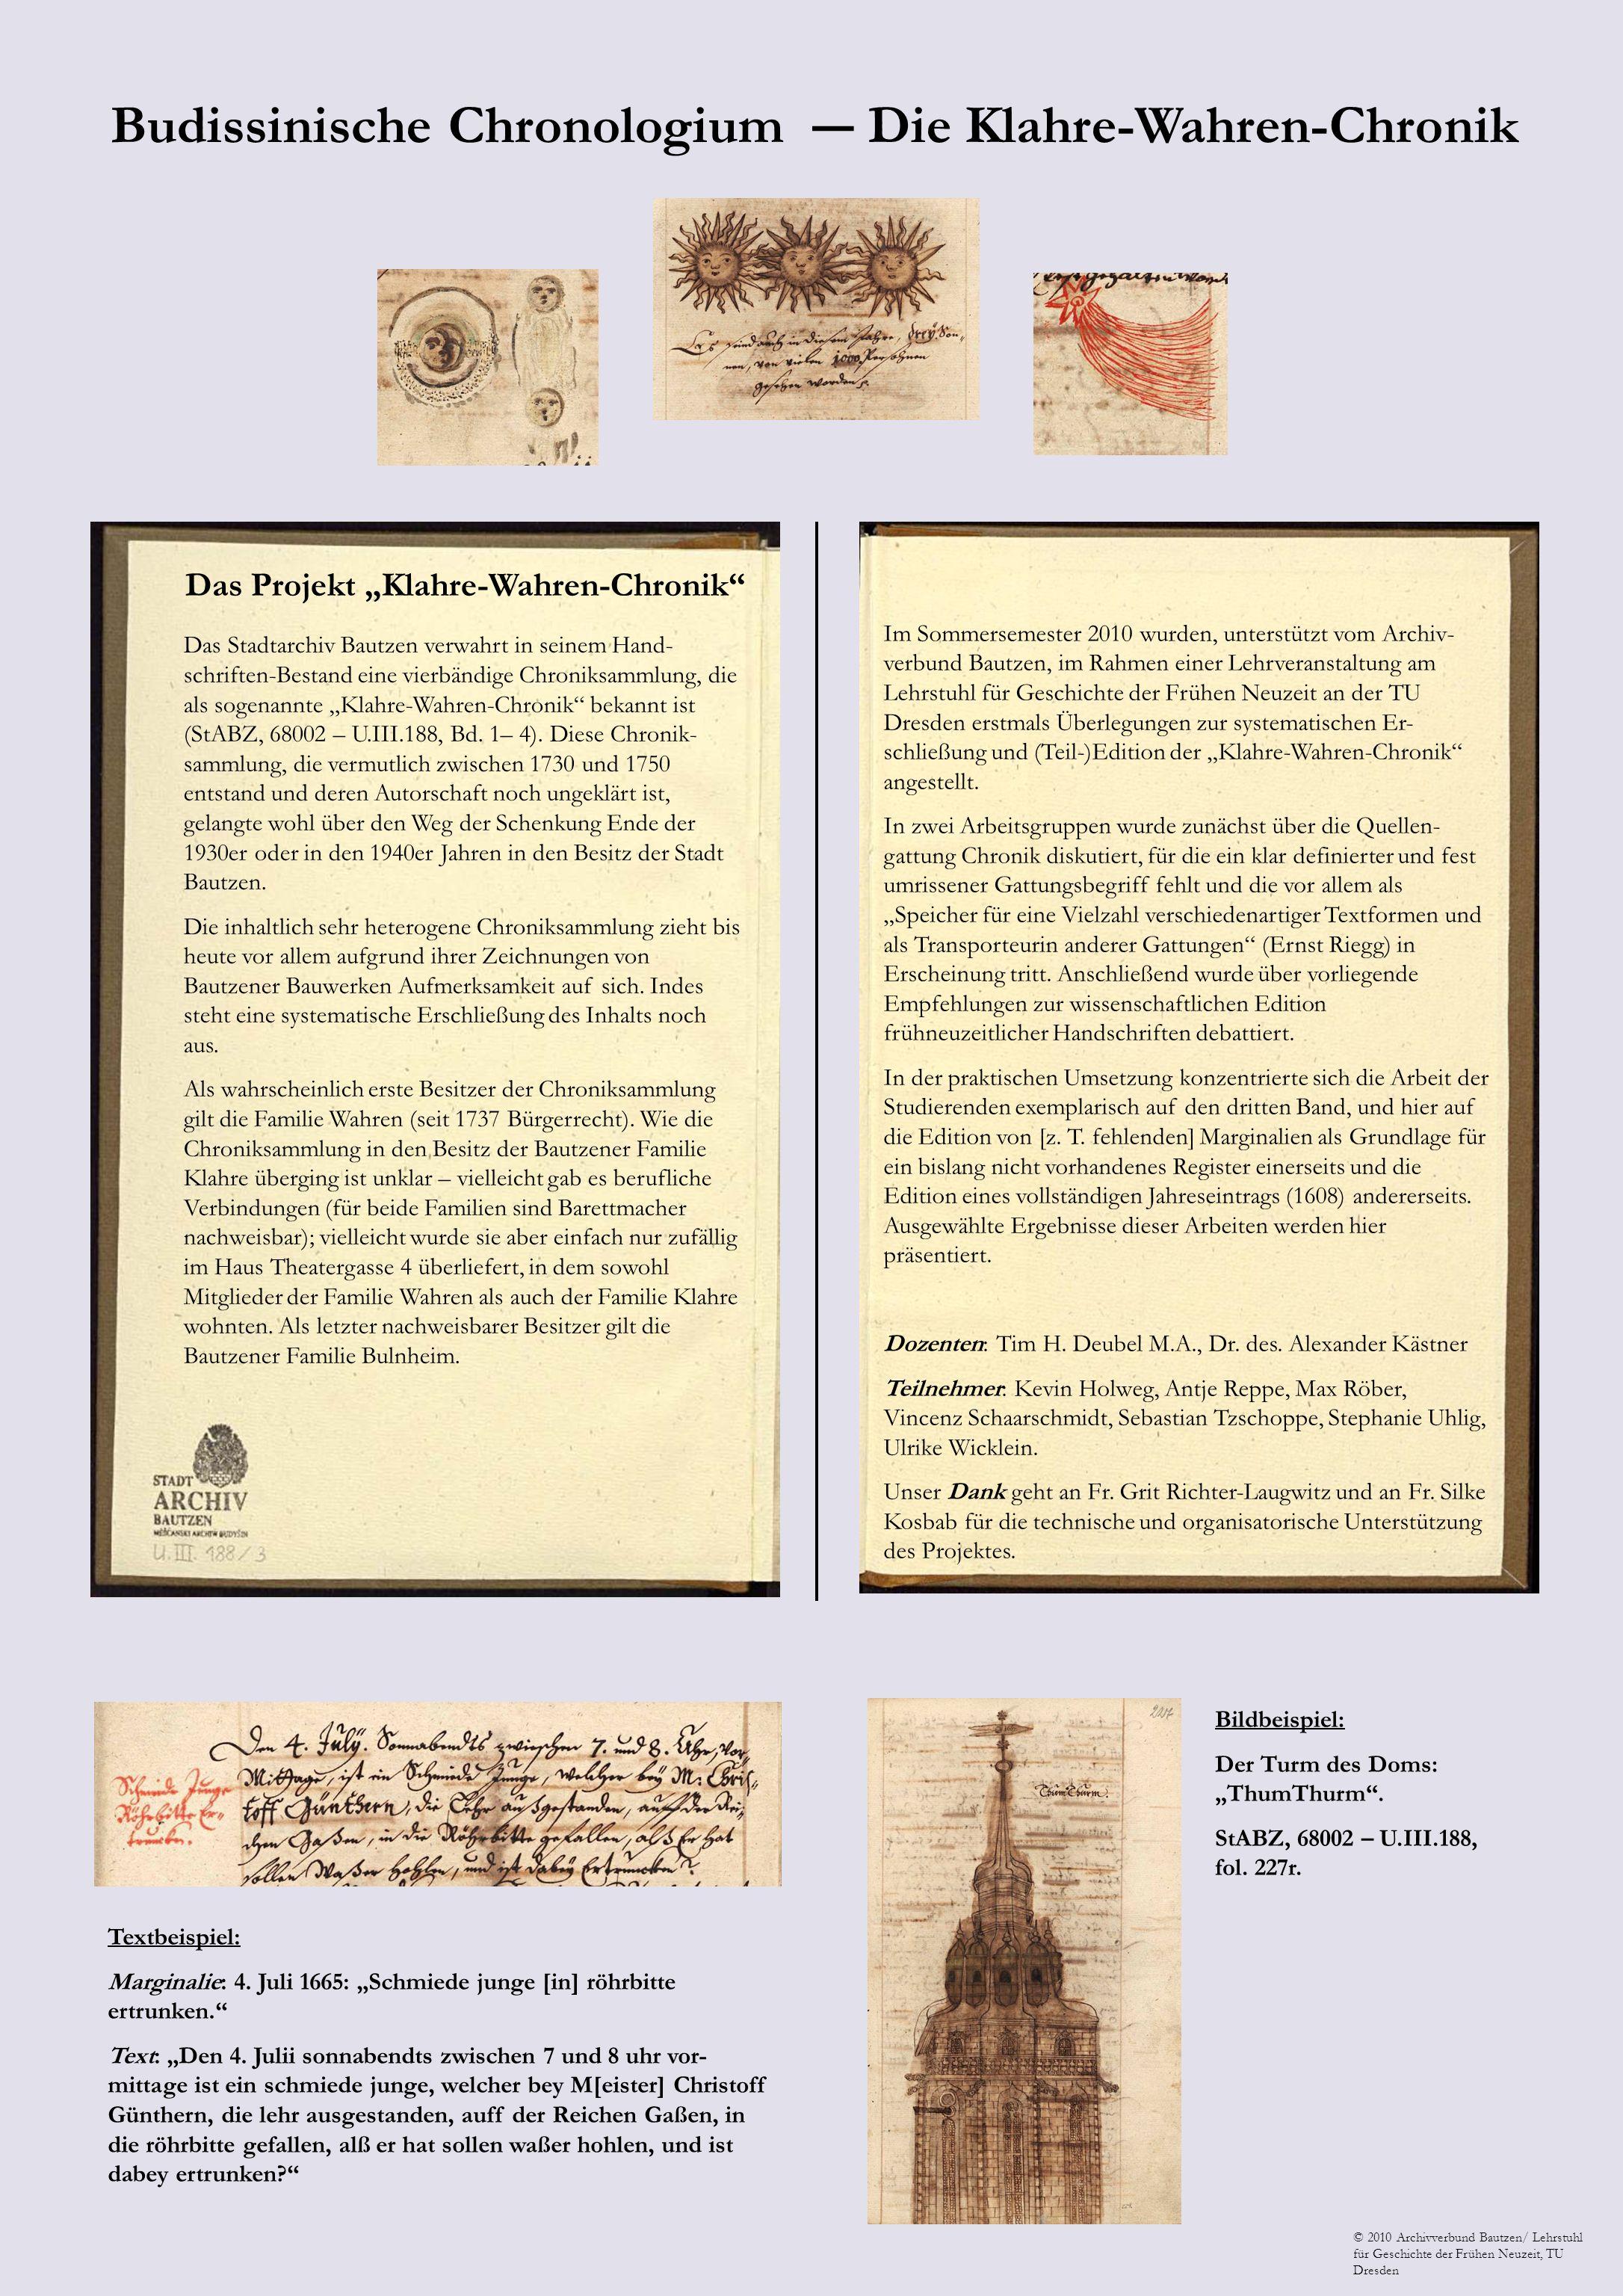 Das Projekt Klahre-Wahren-Chronik Das Stadtarchiv Bautzen verwahrt in seinem Hand- schriften-Bestand eine vierbändige Chroniksammlung, die als sogenan